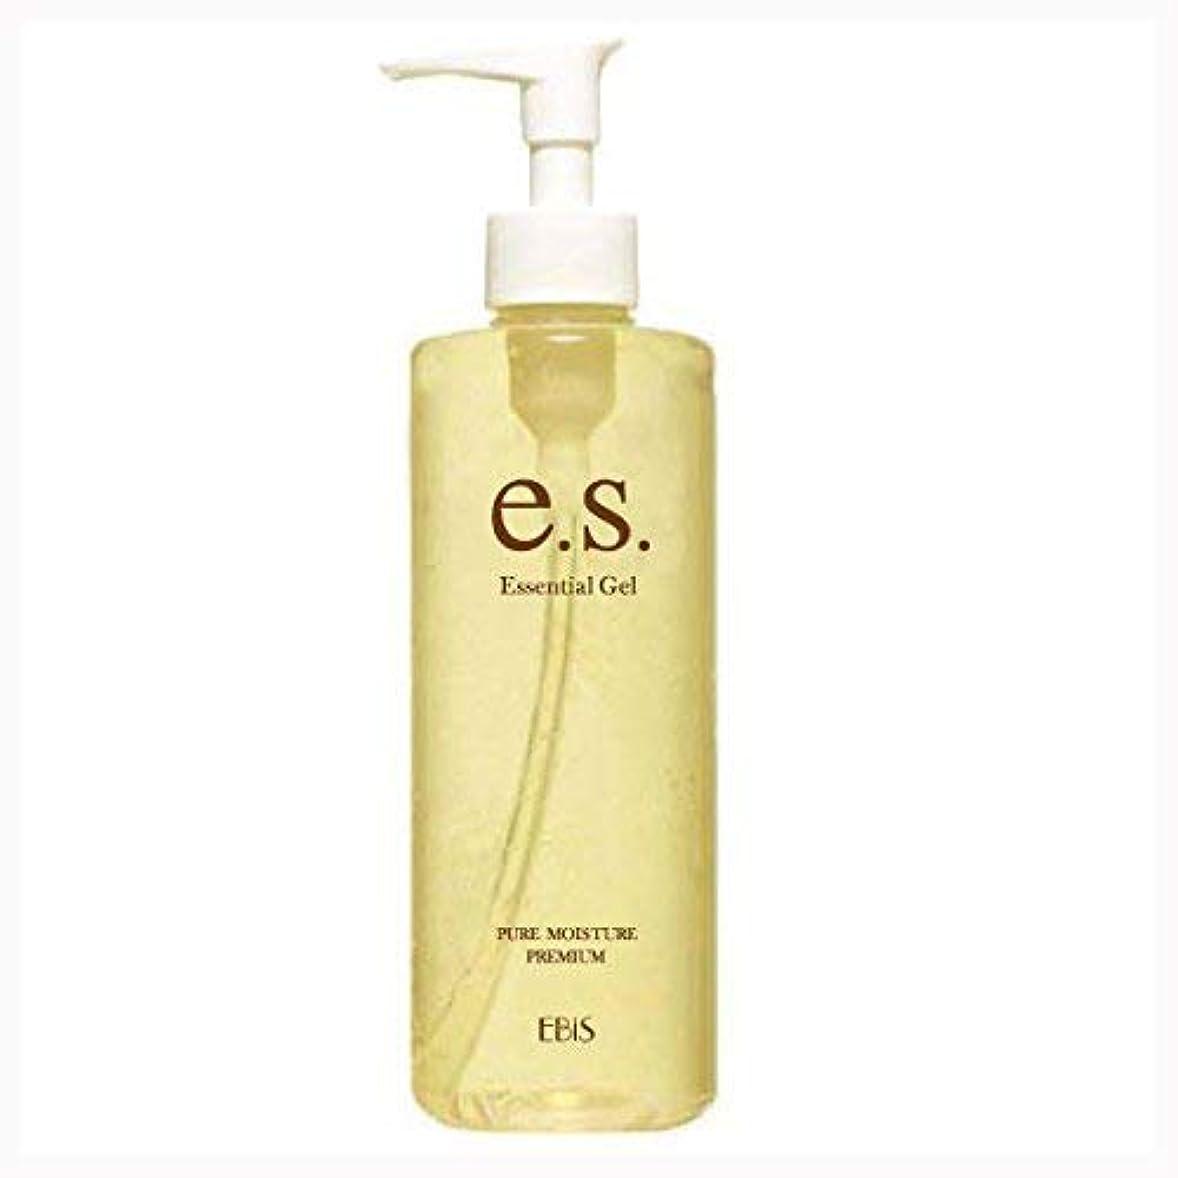 見捨てる透明にみすぼらしいエビス化粧品(EBiS) イーエスエッセンシャルジェル (310g) 美顔器ジェル 無添加処方 アルコールフリー 日本製 男女兼用 保湿ジェル